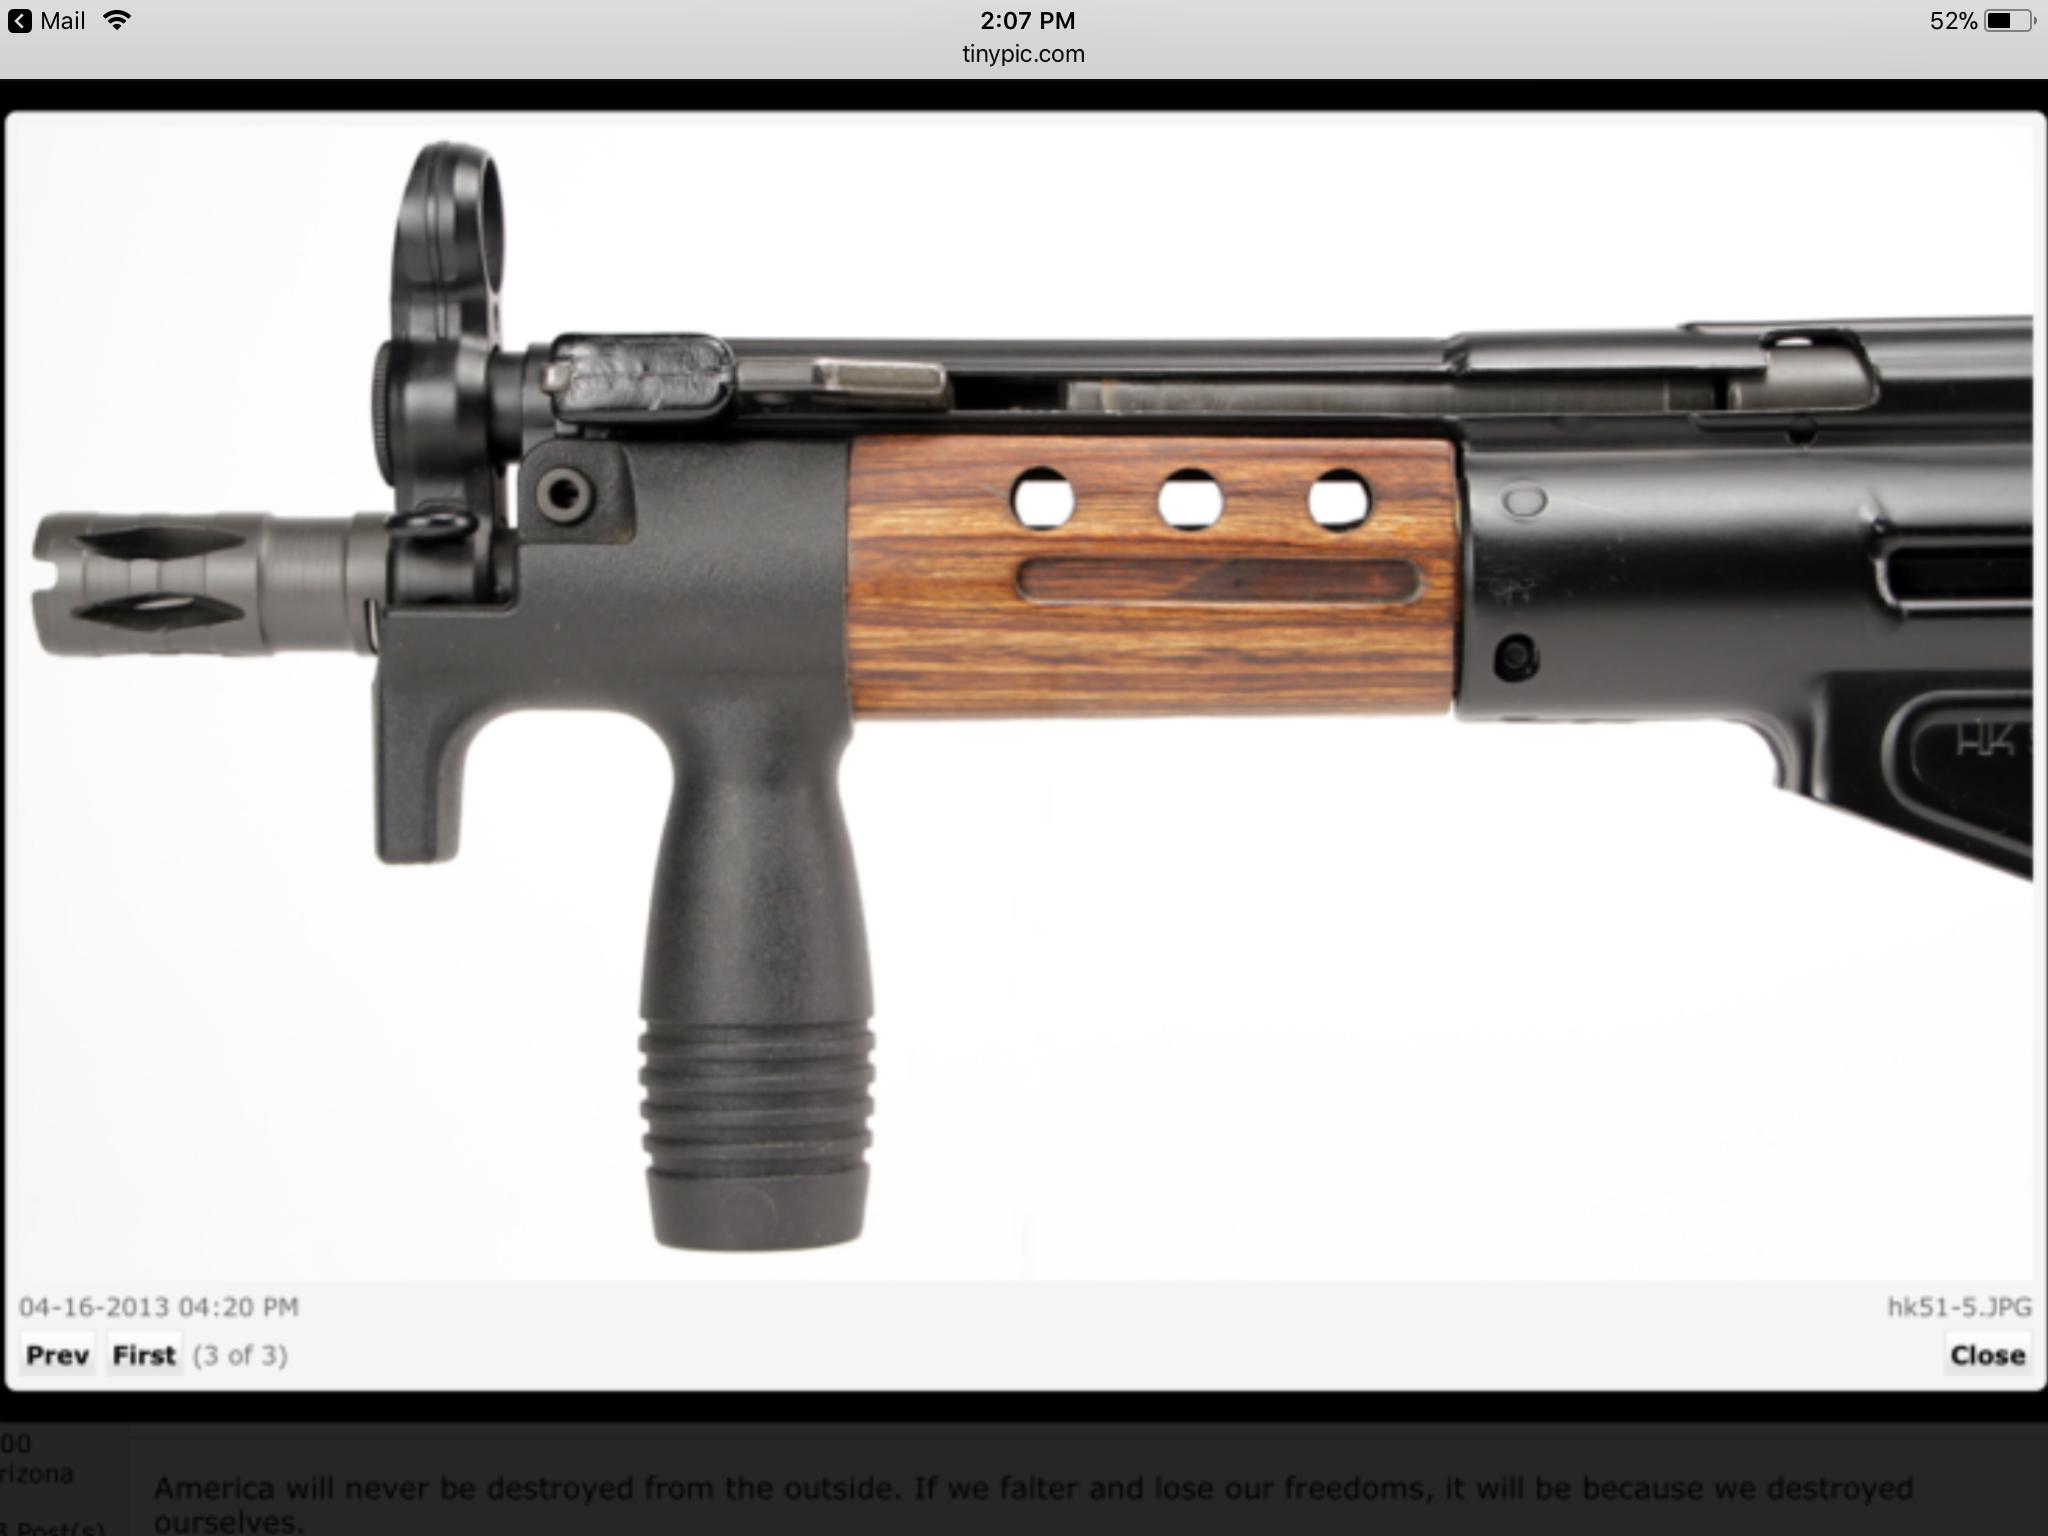 HK-93 Wood Handguard Conversion-c20effcb-041b-47b5-ae8b-16892b6034b1.png